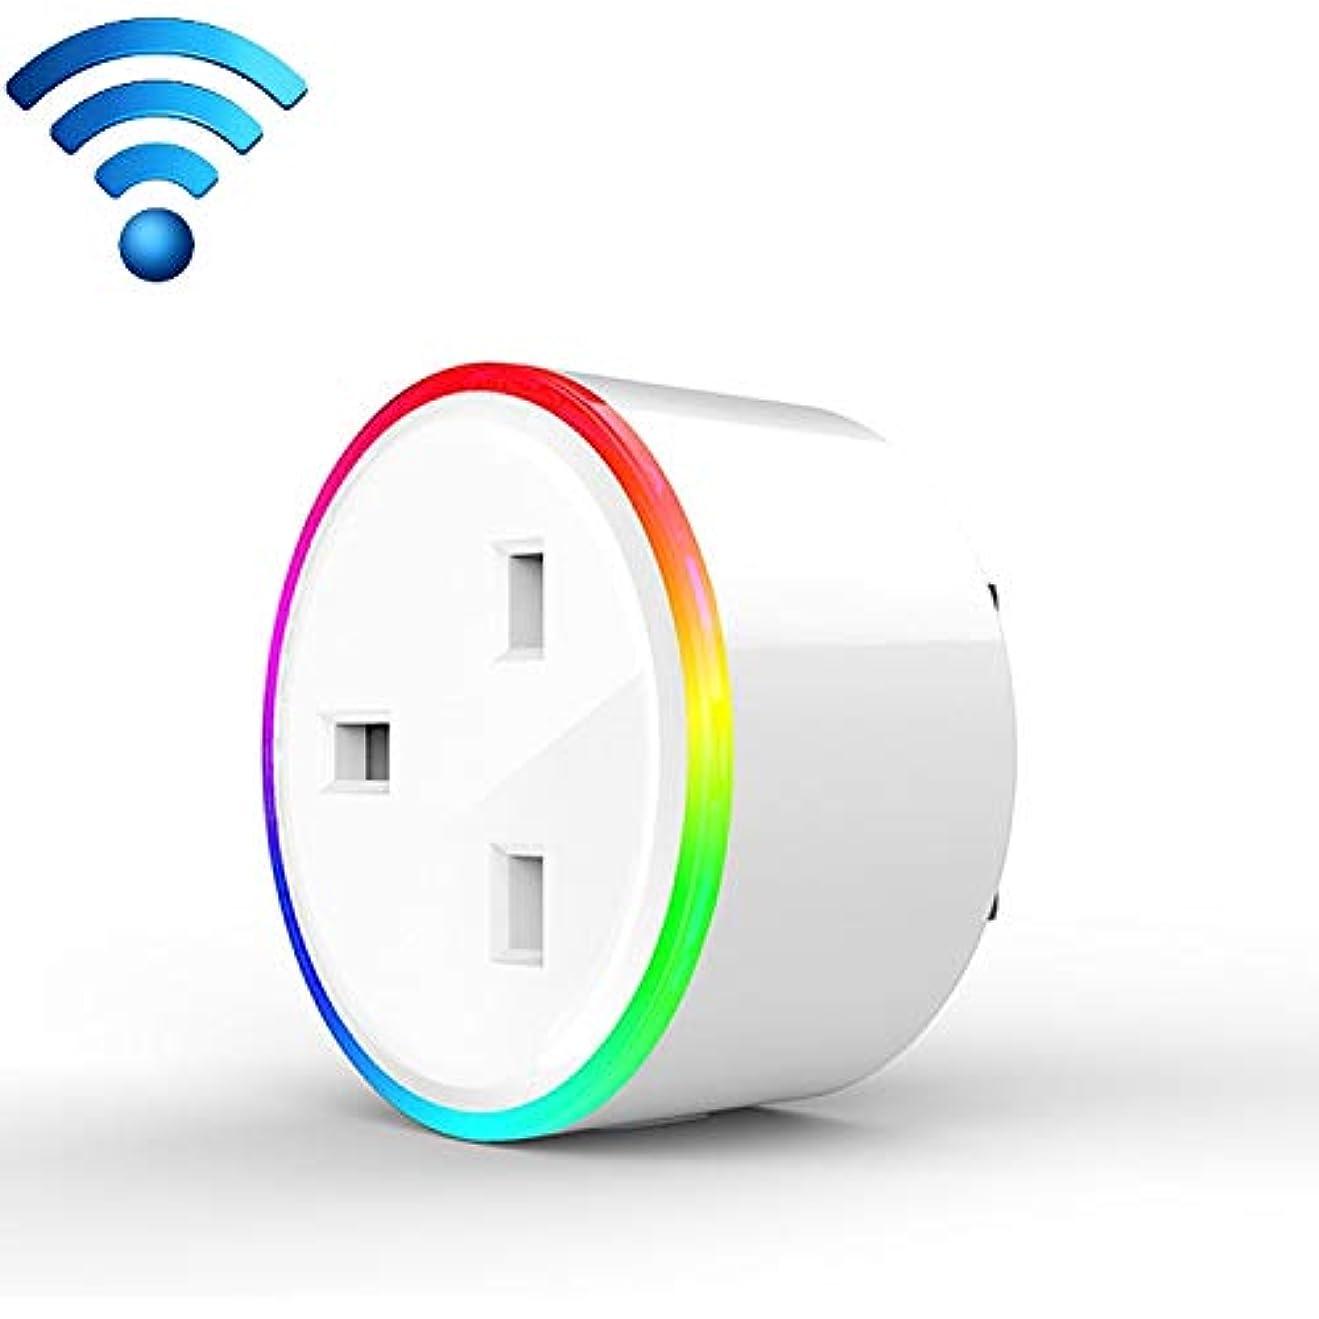 精査する下着歌手LUOWANXIU スマートプラグ スマートコンセント 10A RGBシーンライトWiFiリモコンスマートソケットはAlexa&Google Home、AC 220-240V、UKプラグで動作します